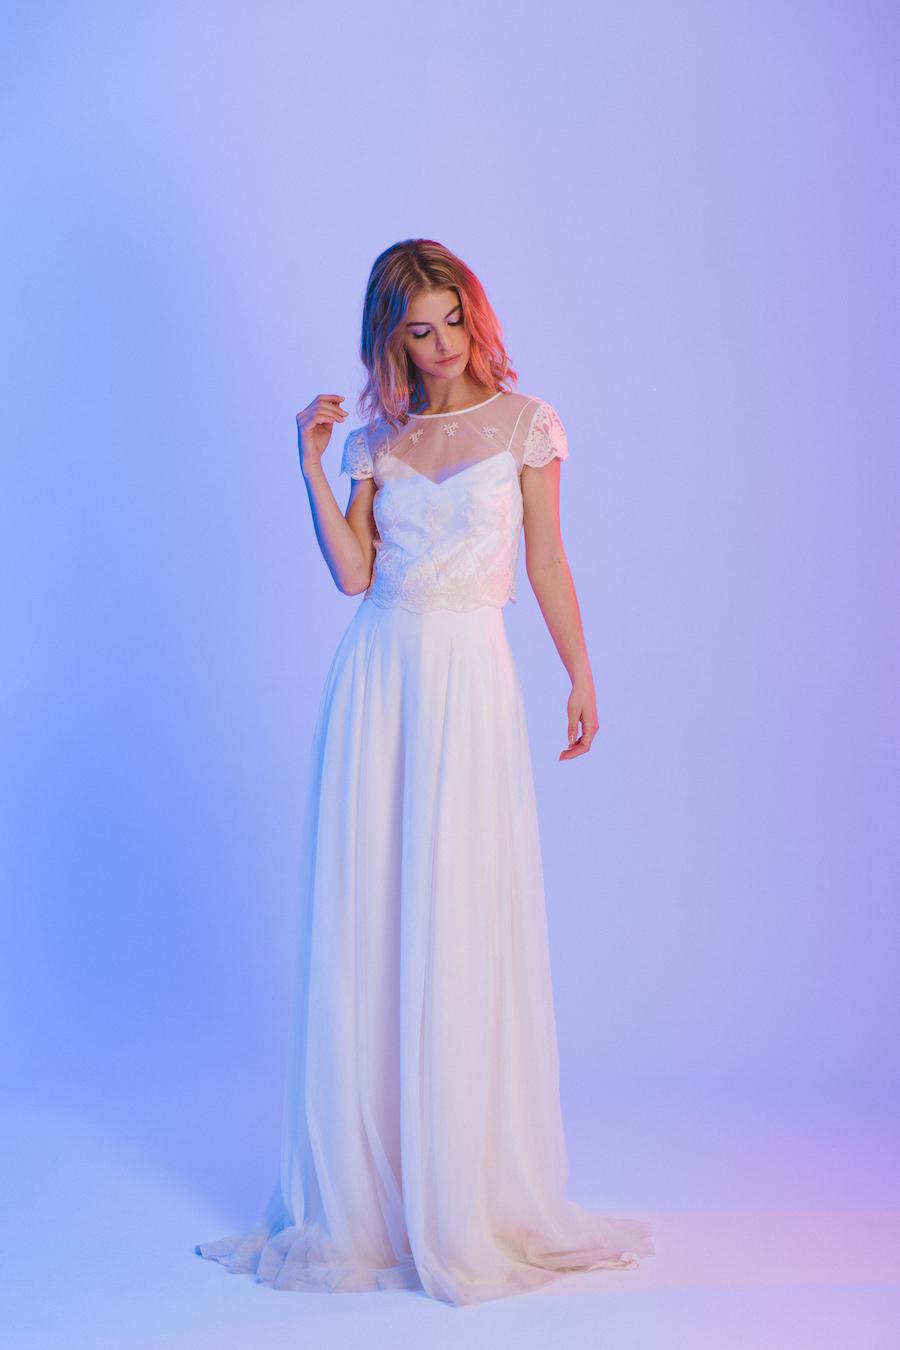 746fd9f9eec0 Merry Me Roma  la boutique di abiti da sposa che mancava